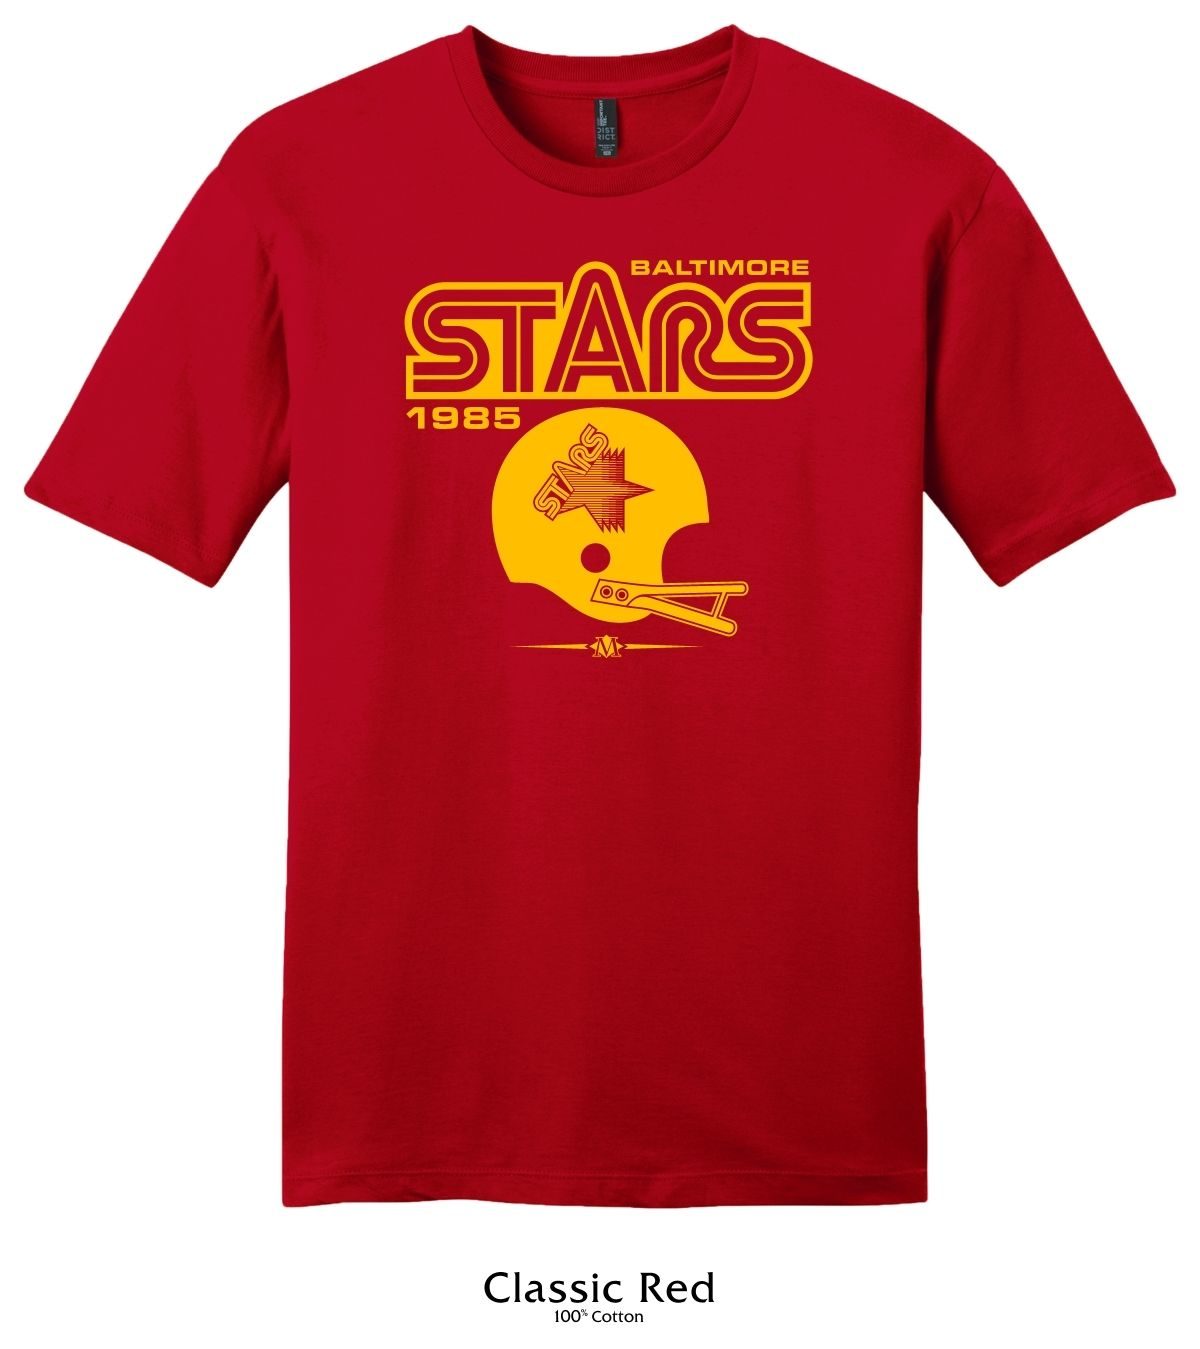 Baltimore Stars Vintage 1985 T-shirt